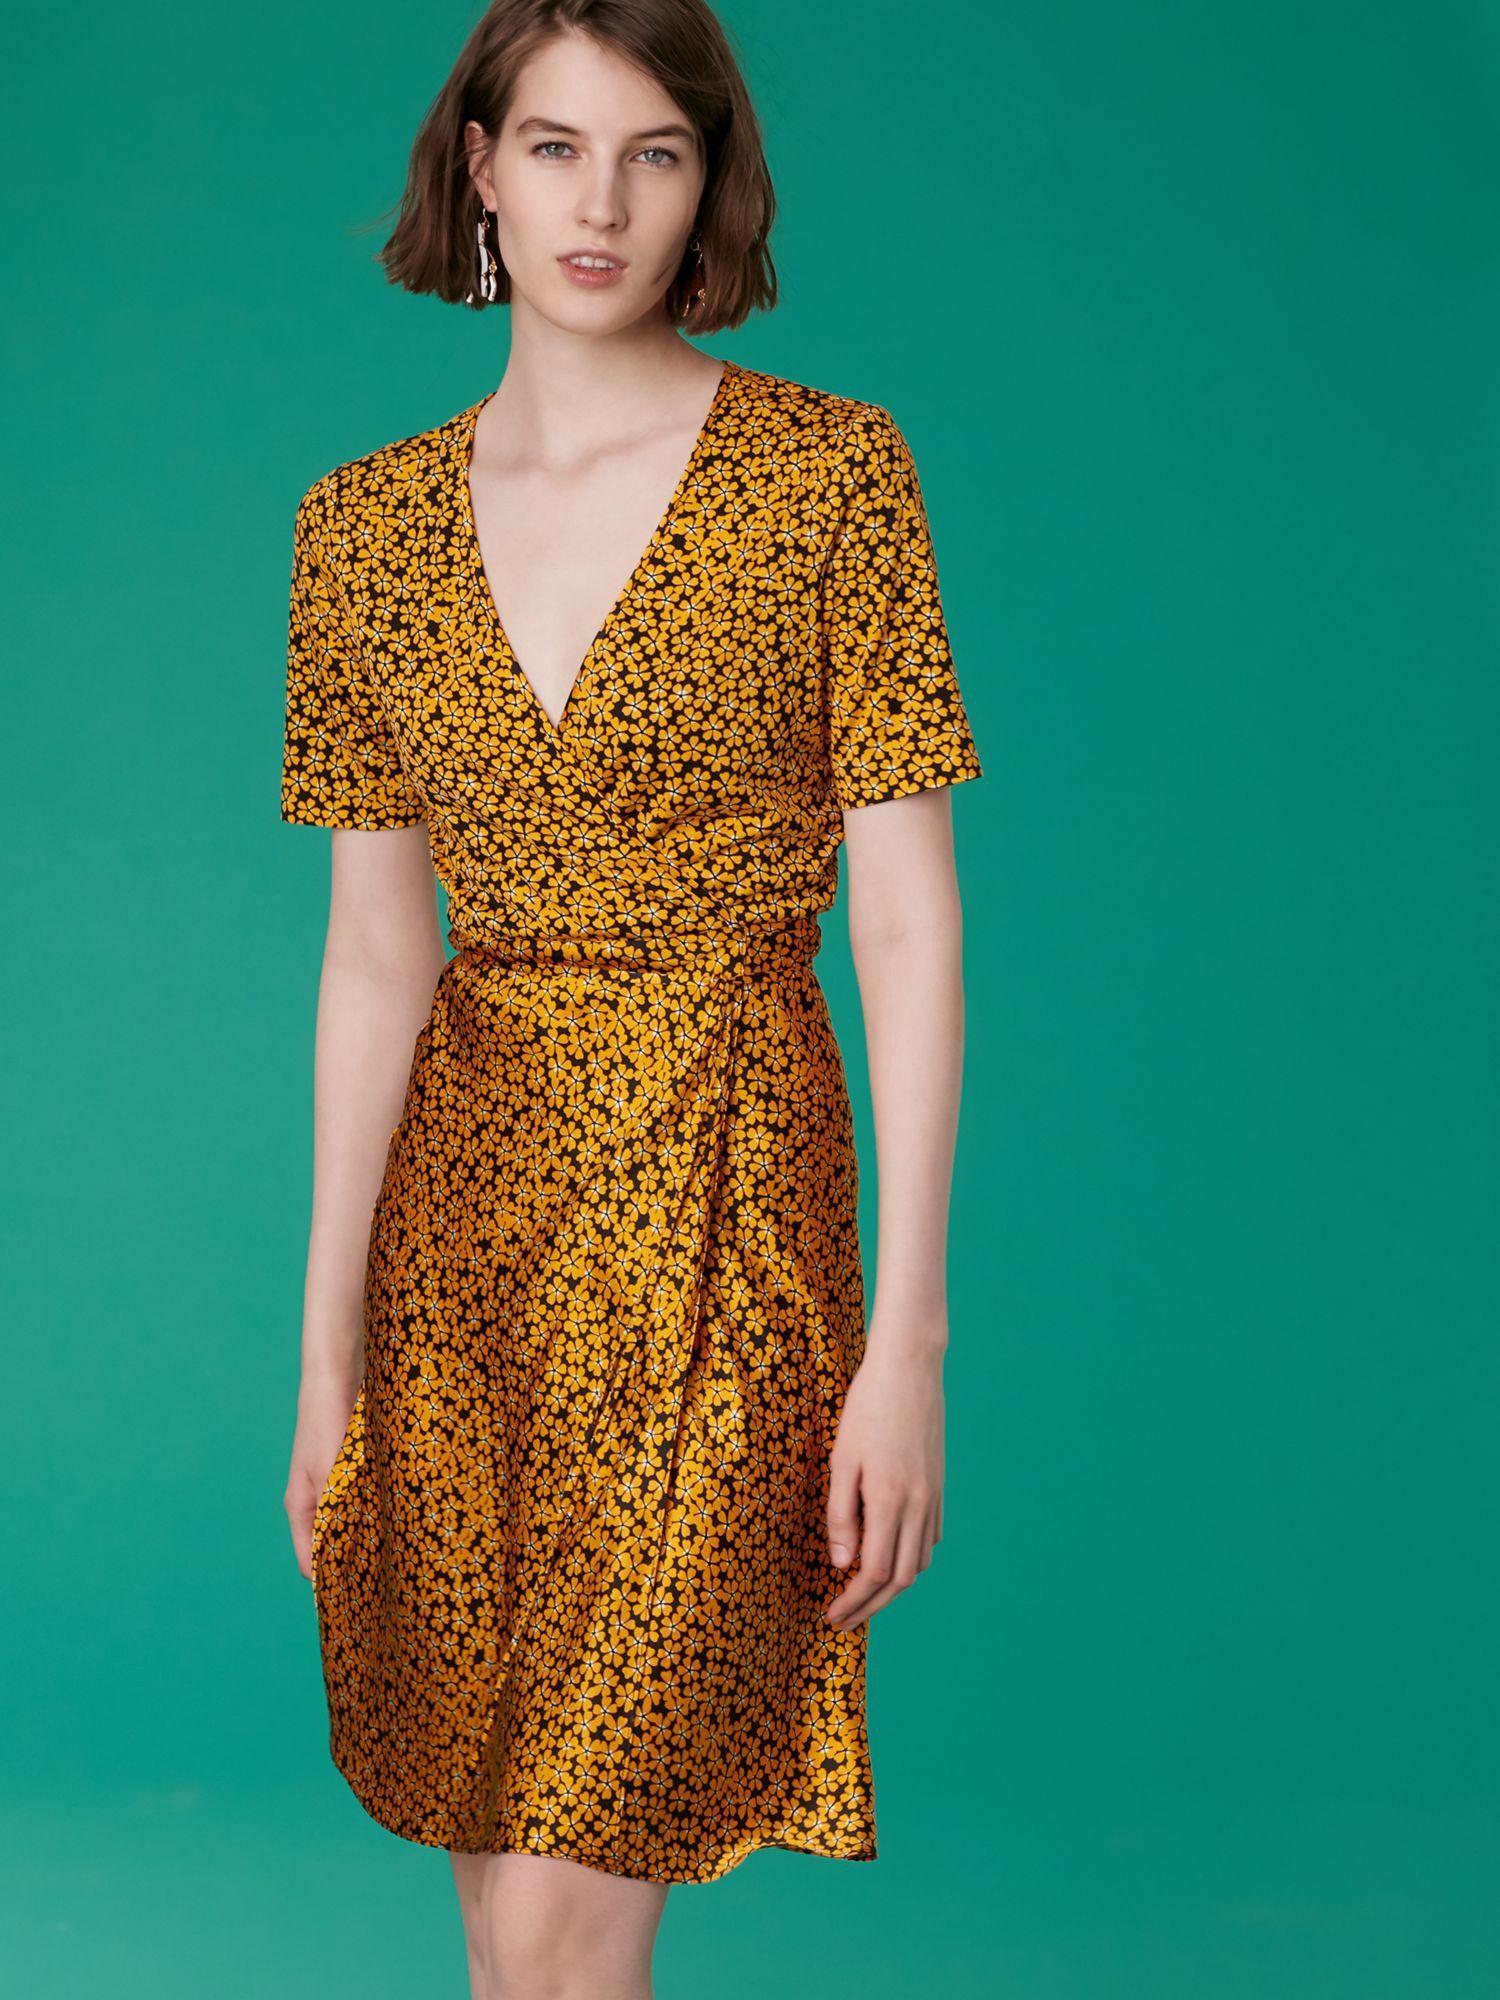 2523798c69d2 Short-sleeve Satin Flare Wrap Dress by Diane von Furstenberg DVF in ...